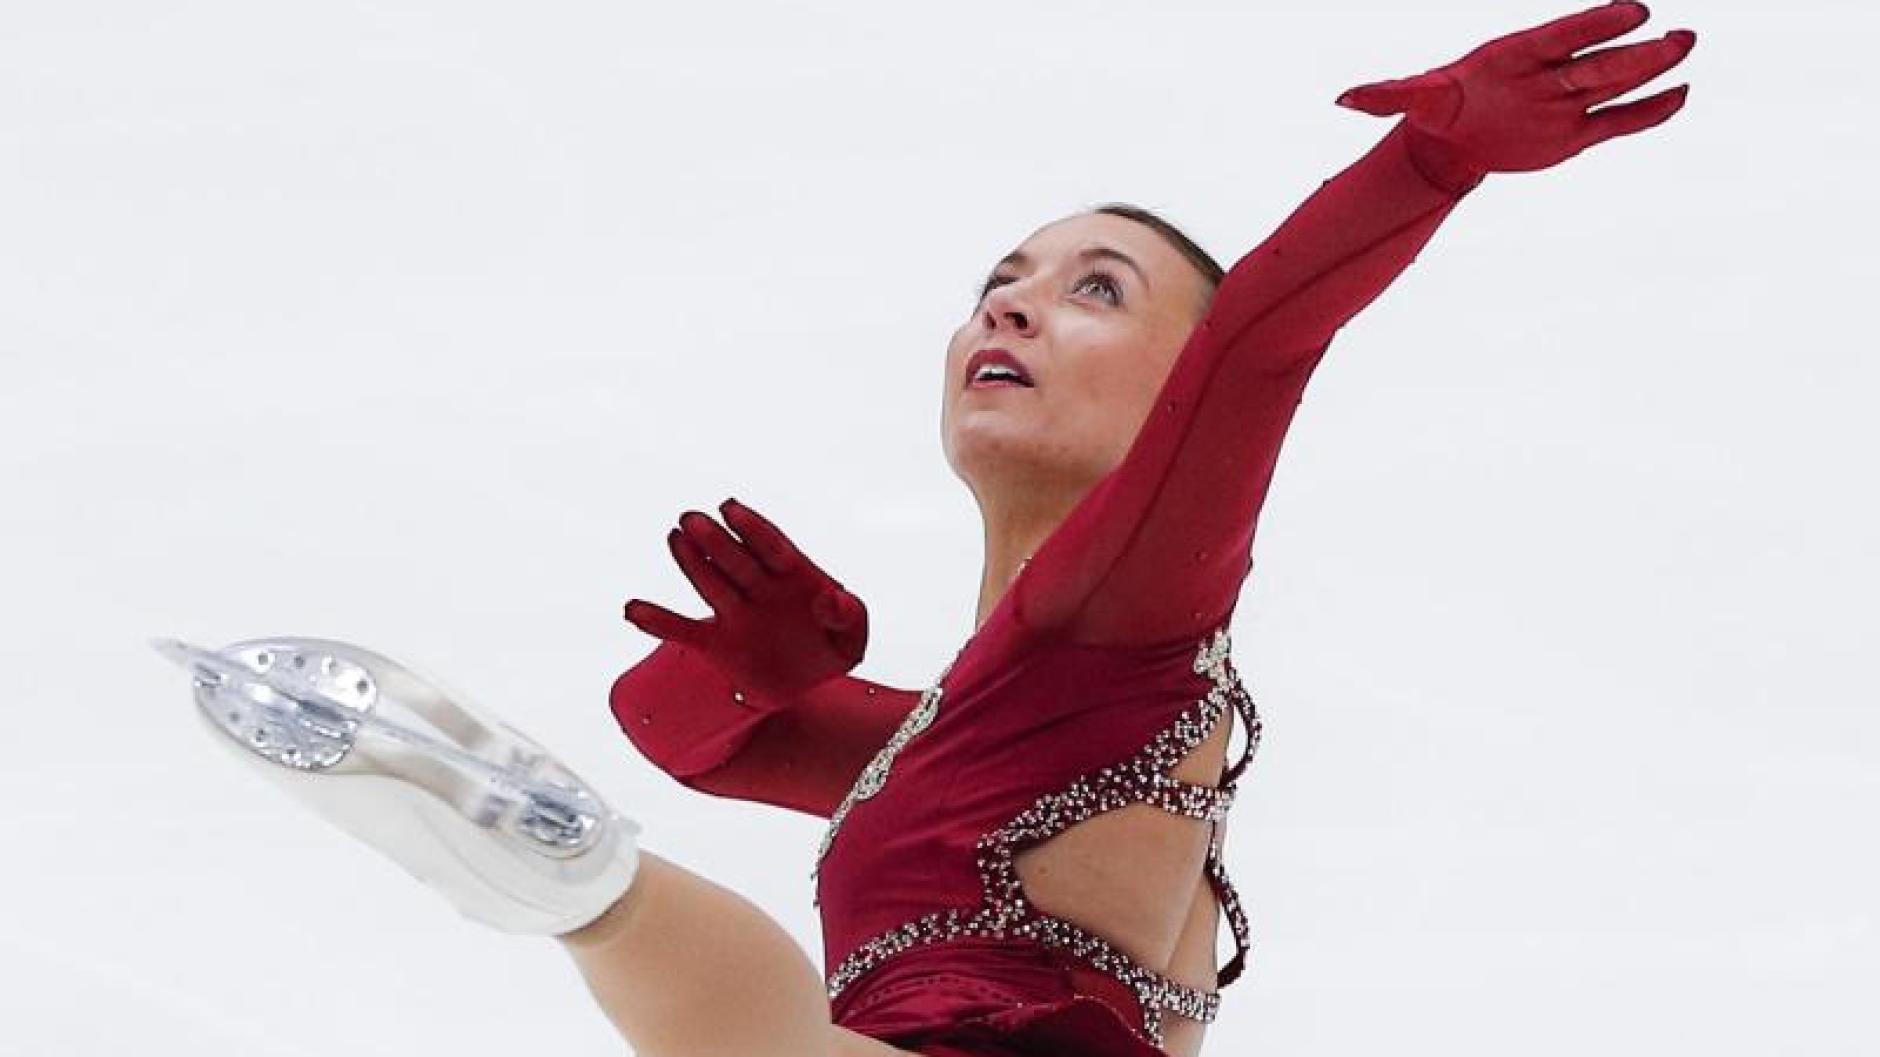 Eiskunstlauf Wm 2021